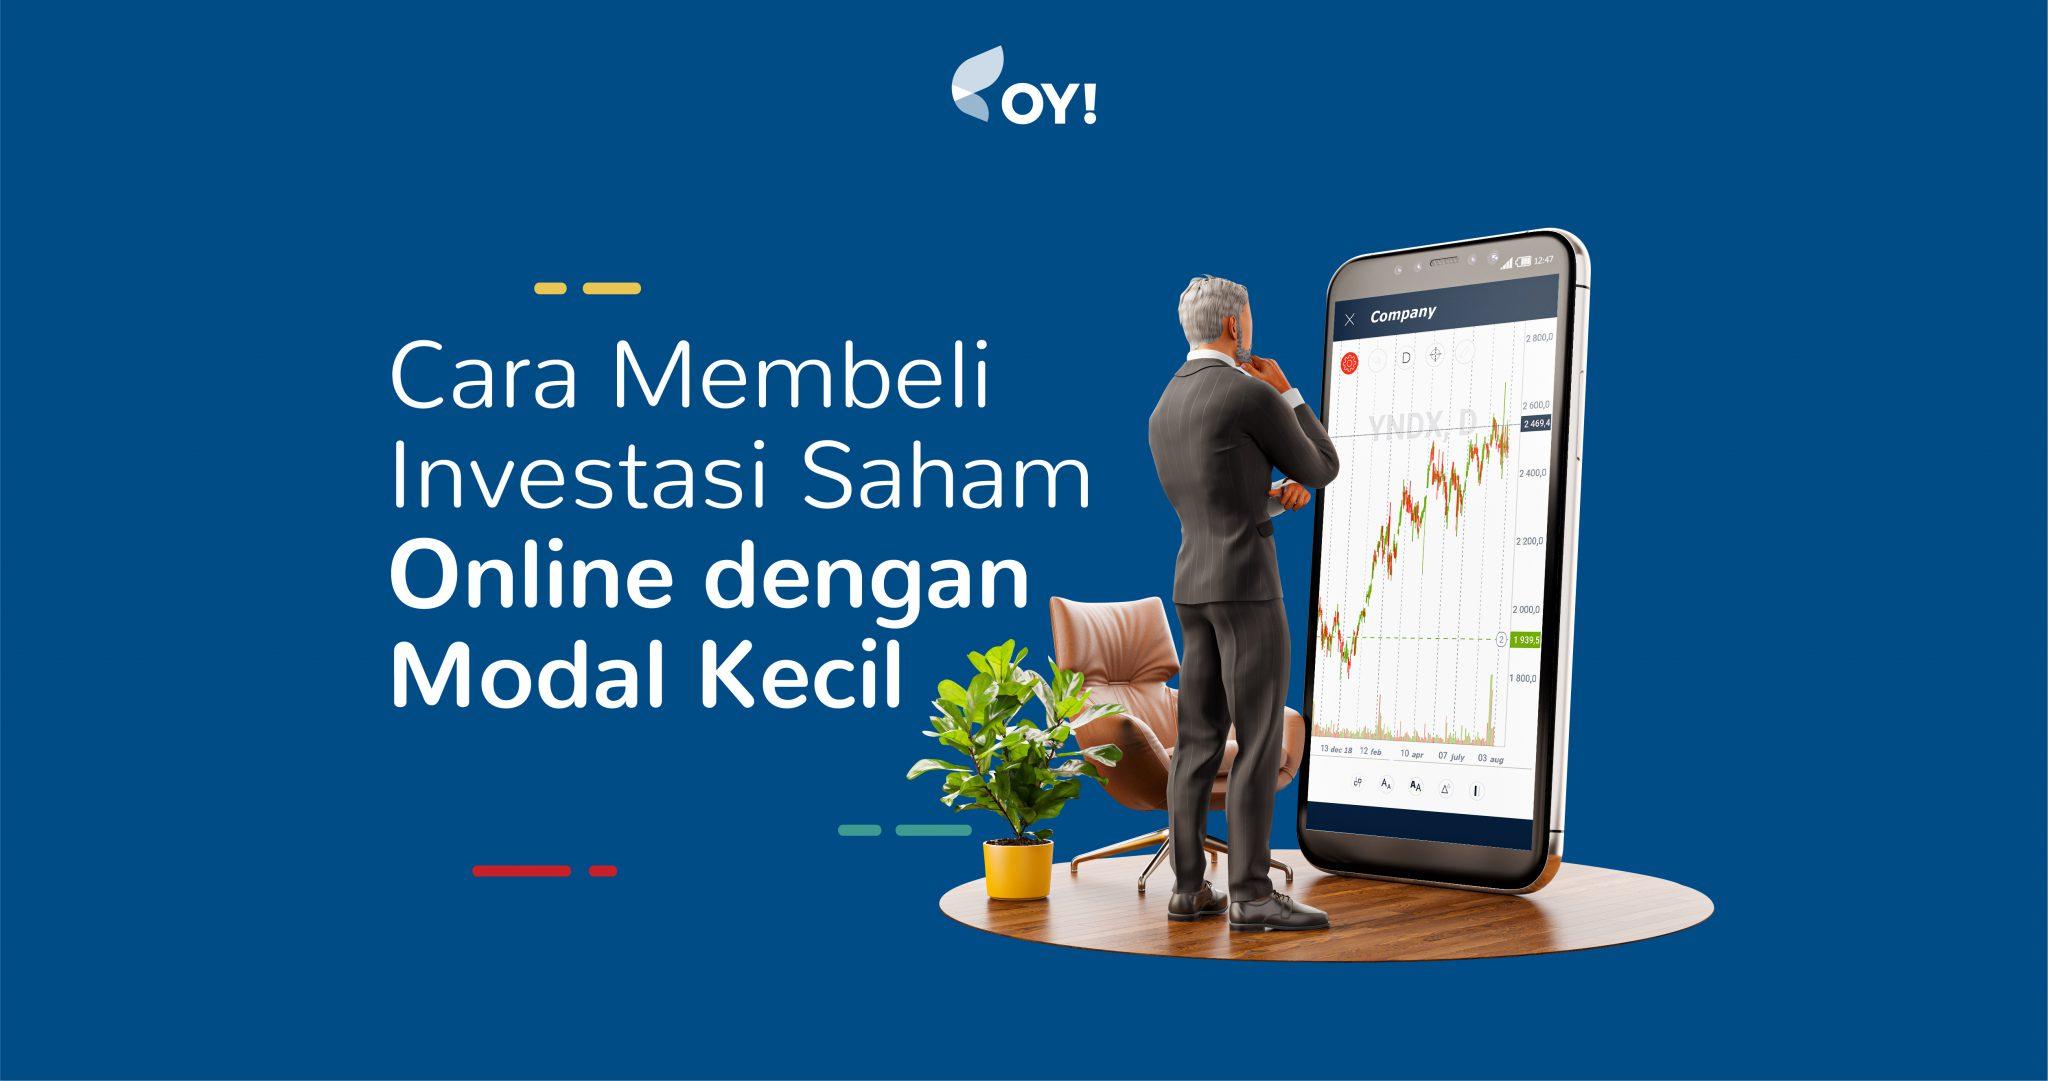 Cara membeli investasi saham online